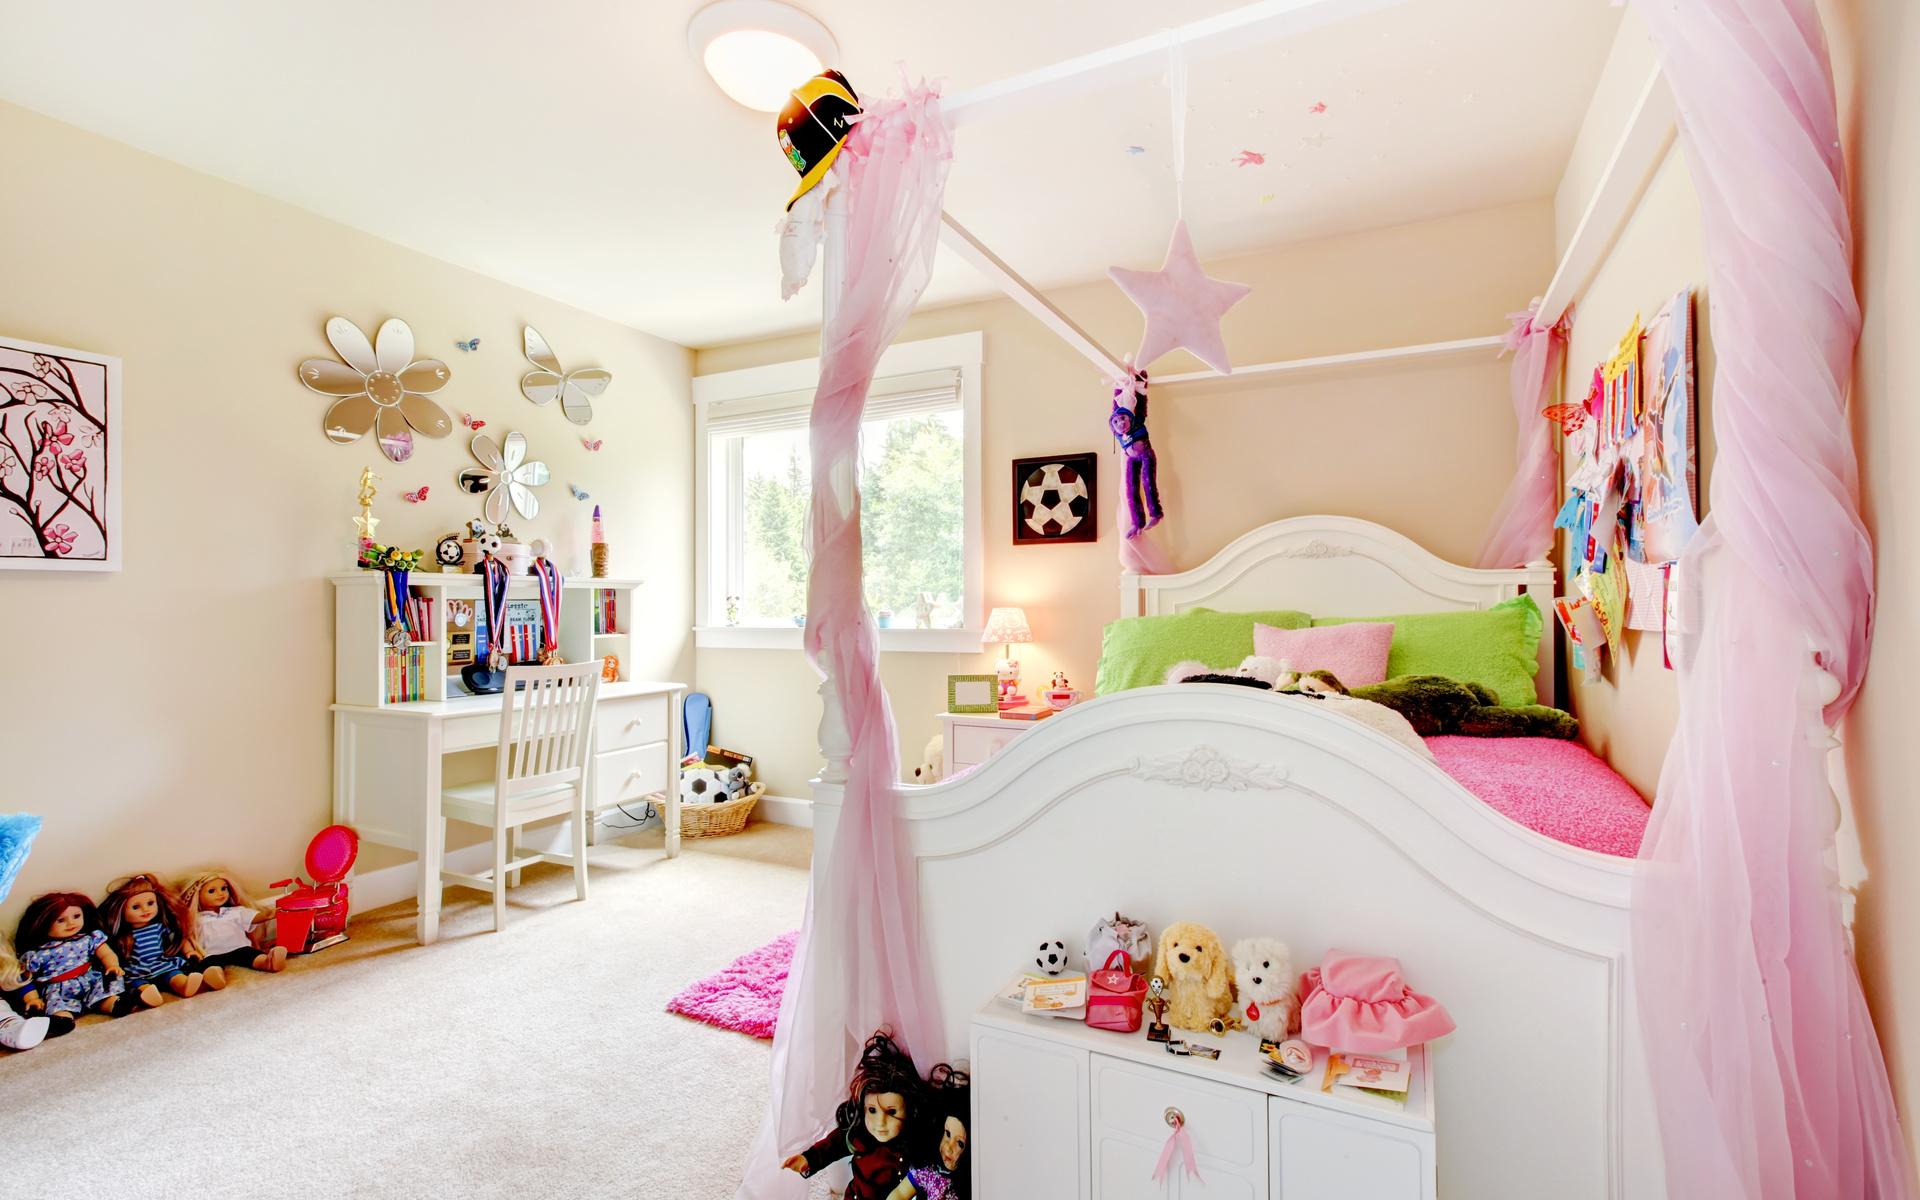 кровать, детская, куклы, Комната, подушки, игрушки, уют